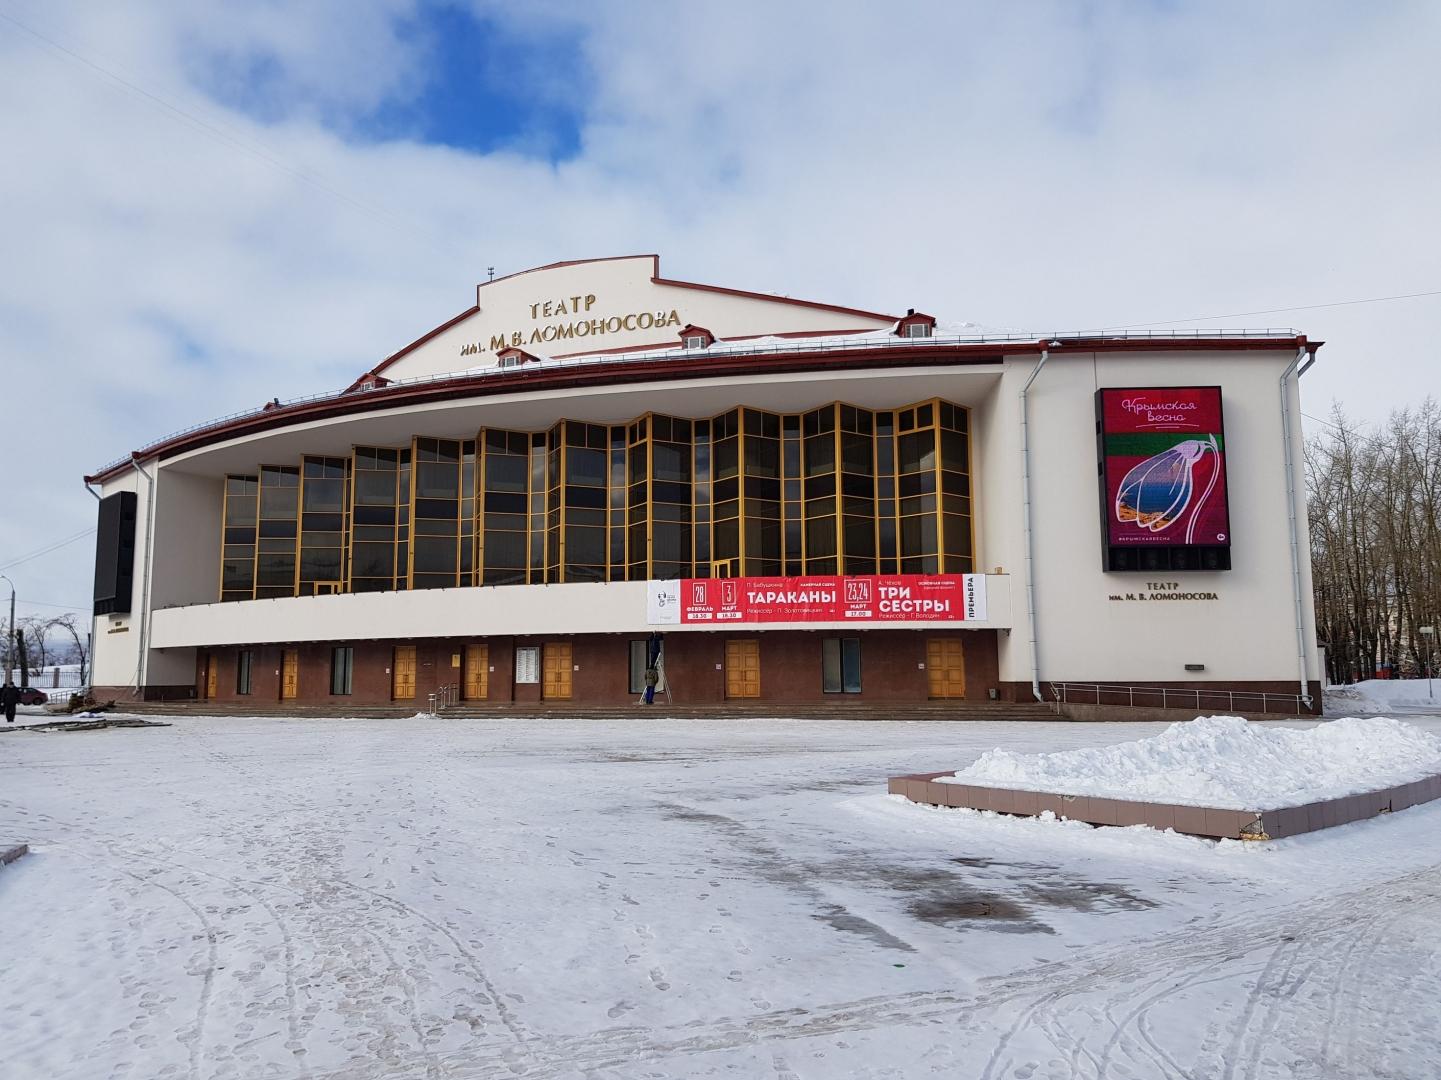 Архангельский драмтеатр имени М. В. Ломоносова находится в центре территории, занимаемой в XVI–XVII веках деревянной крепостью Архангельска